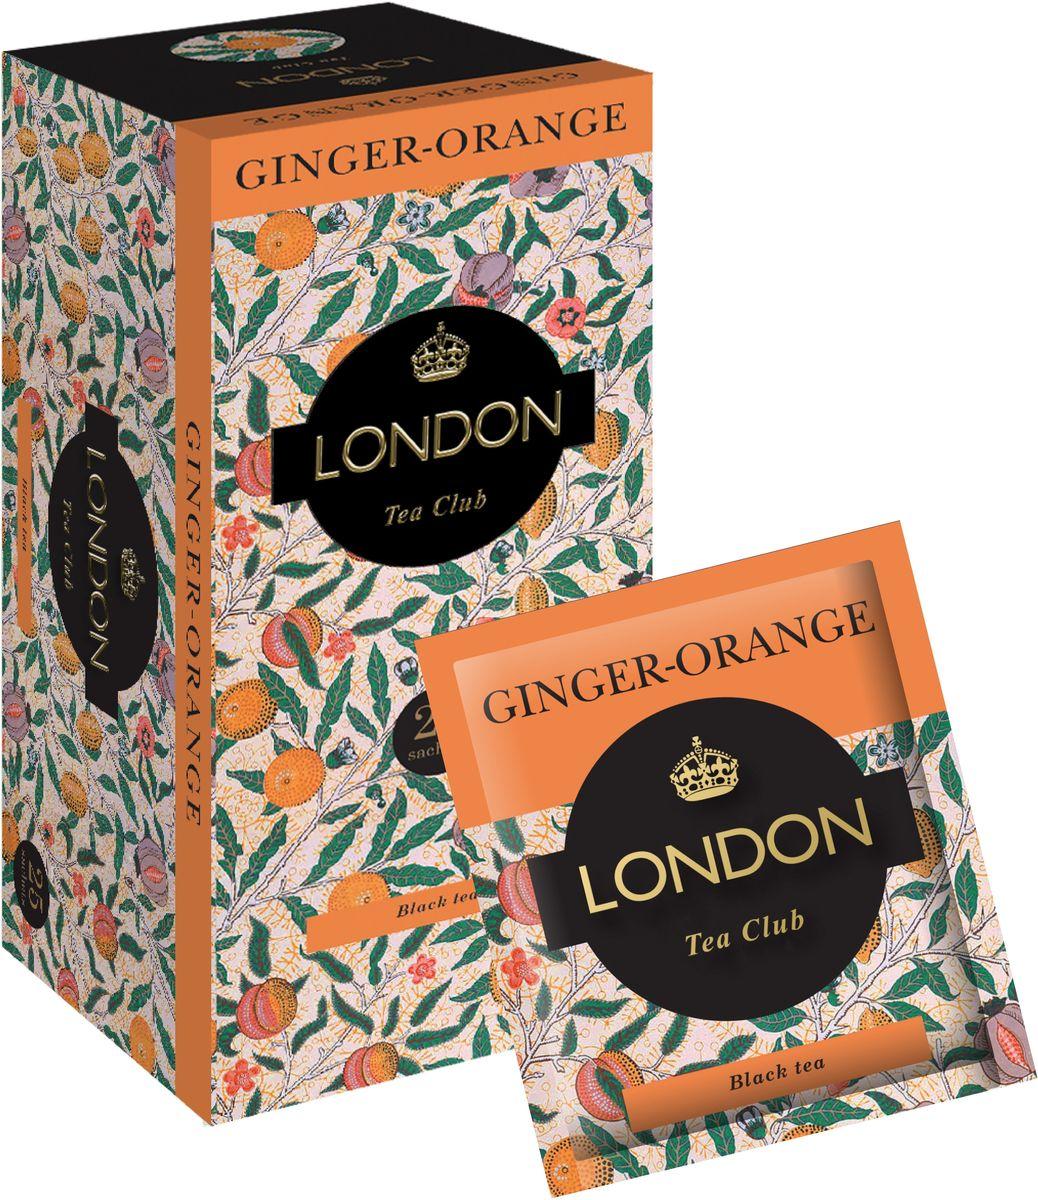 London Tea Club Имбирь-апельсин чай черный в пакетиках, 25 шт101246Композиция на основе черного чая и корня имбиря с цитрусовыми нотками апельсина. Имбирь издавна славится своими согревающими и антипростудными свойствами.